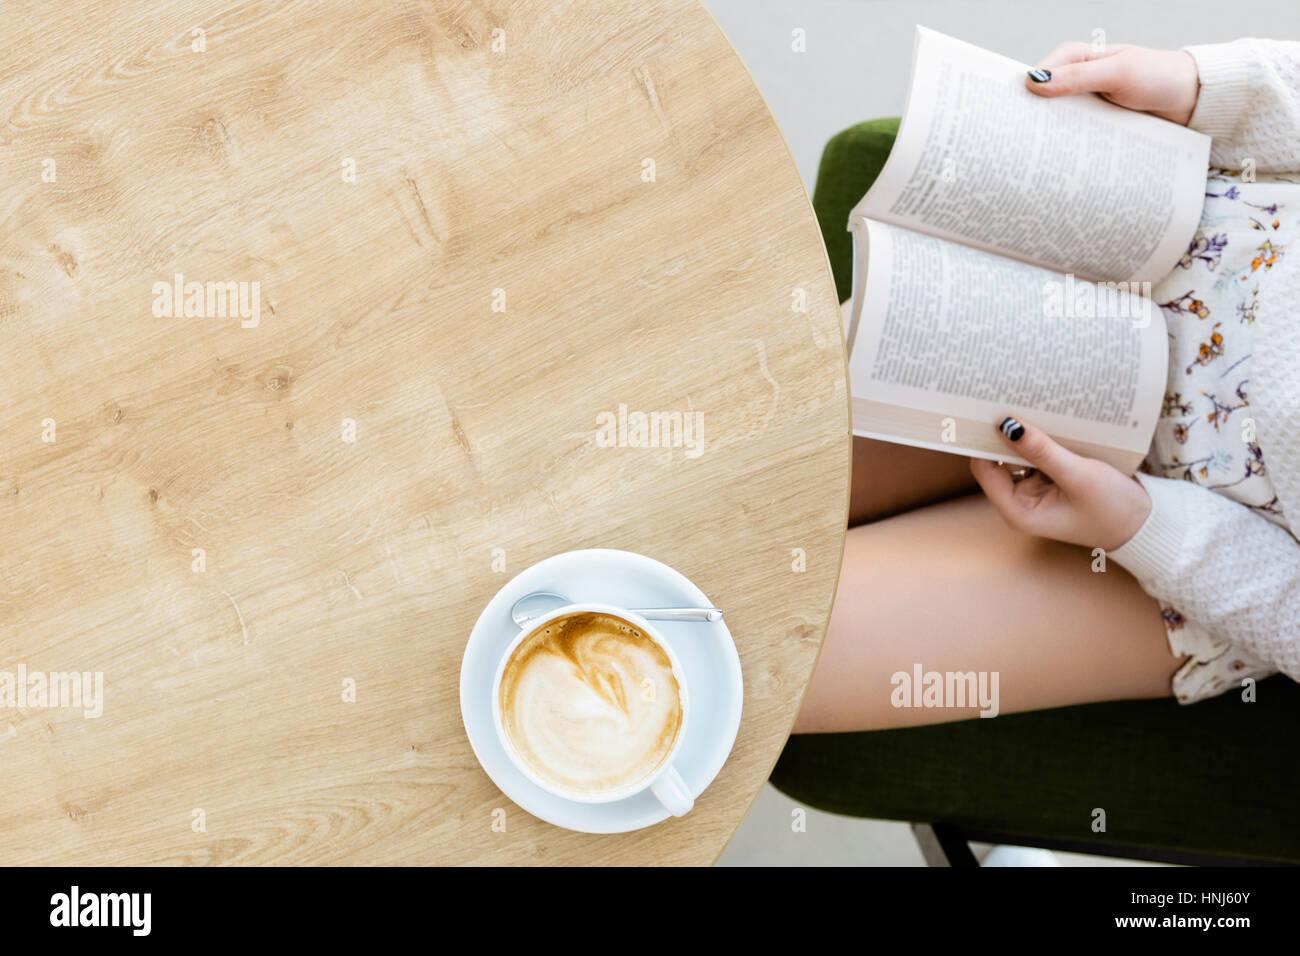 Chica de la piernas, libro, taza de café en la mesa Imagen De Stock